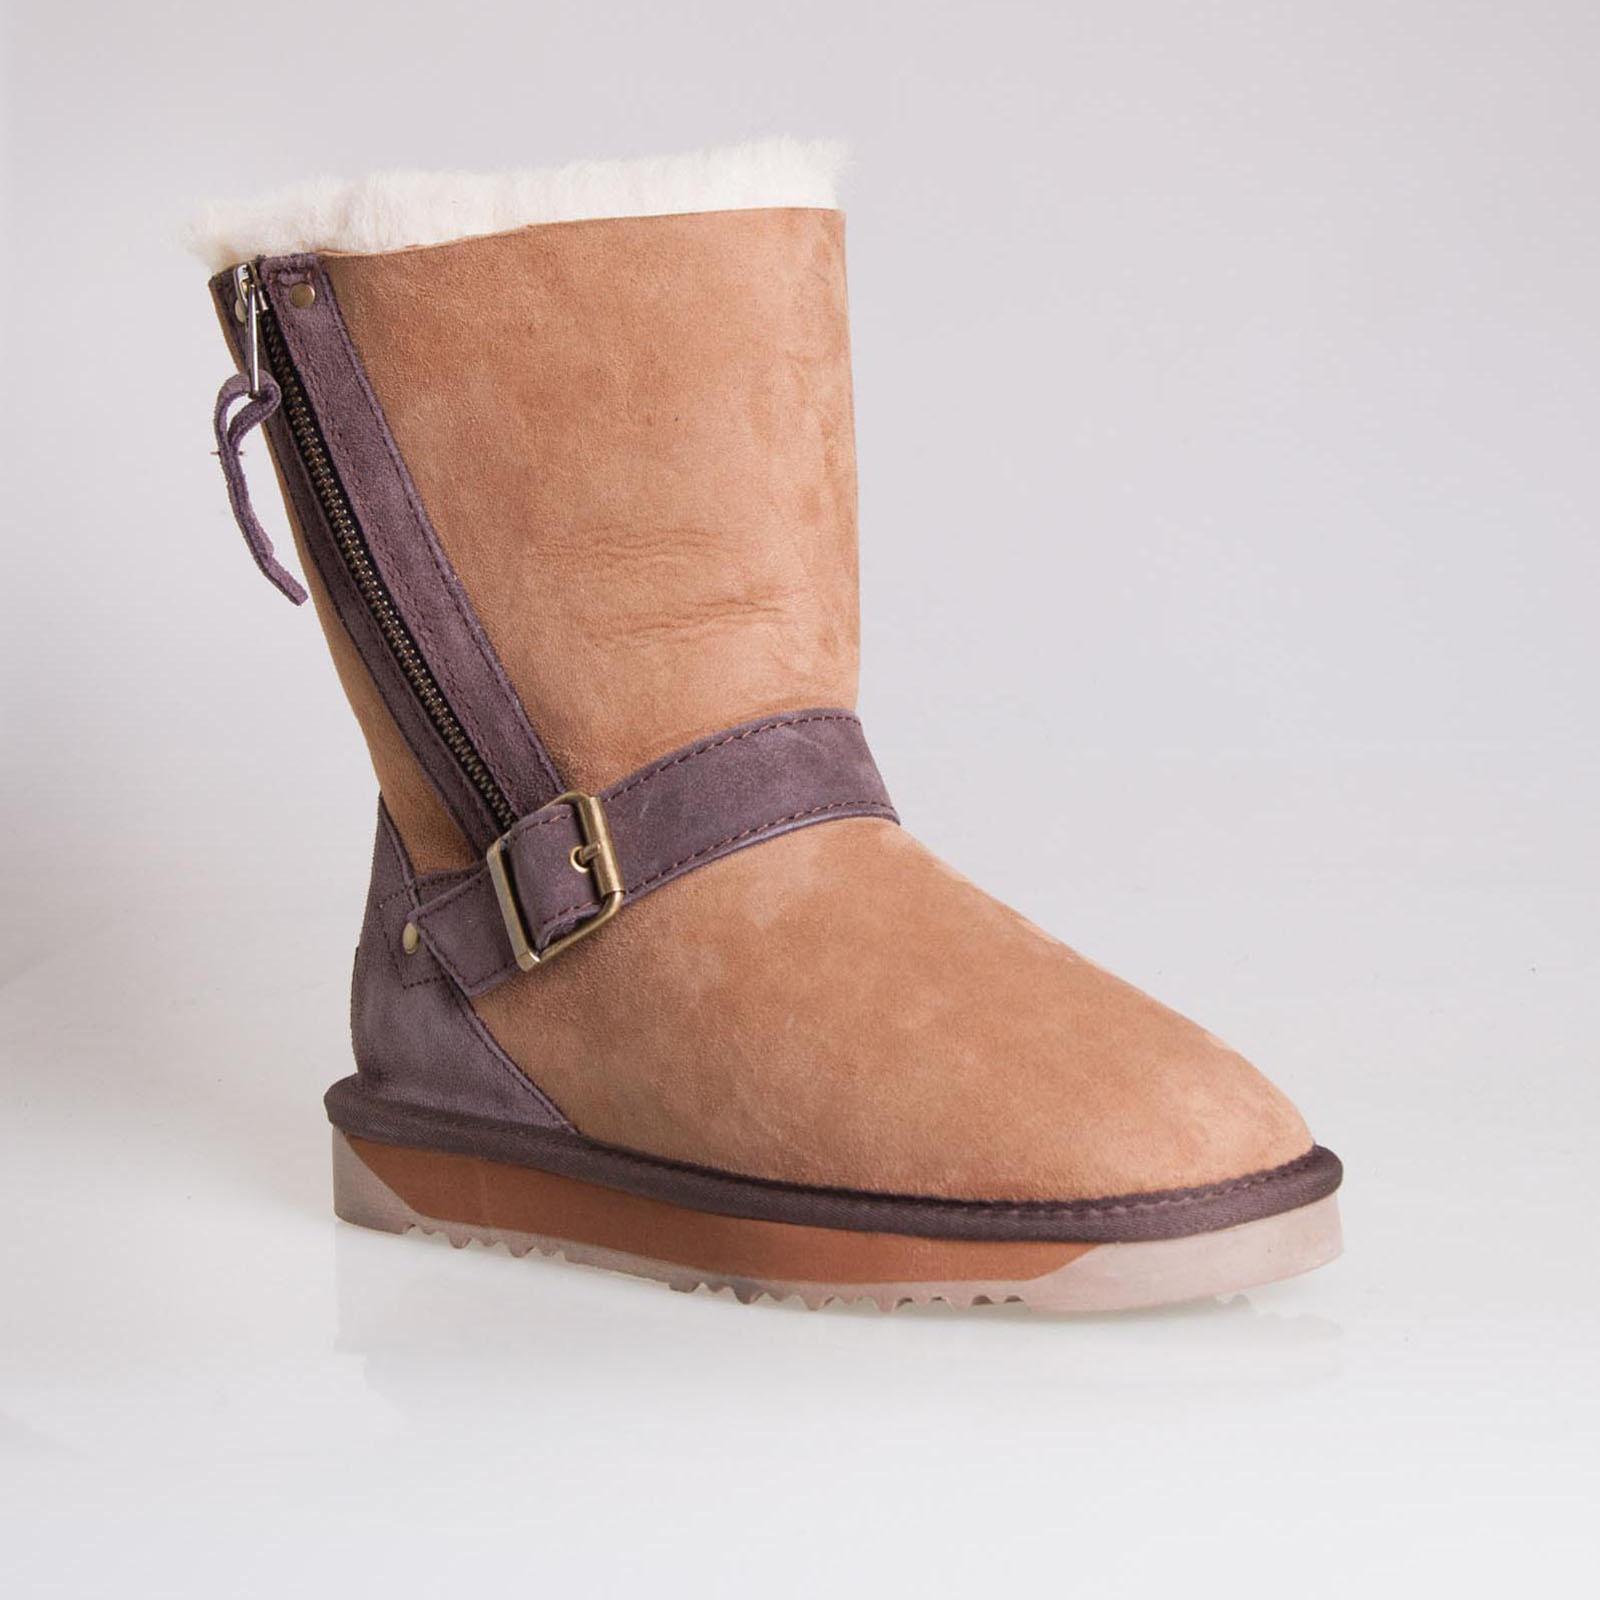 ugg boots zip